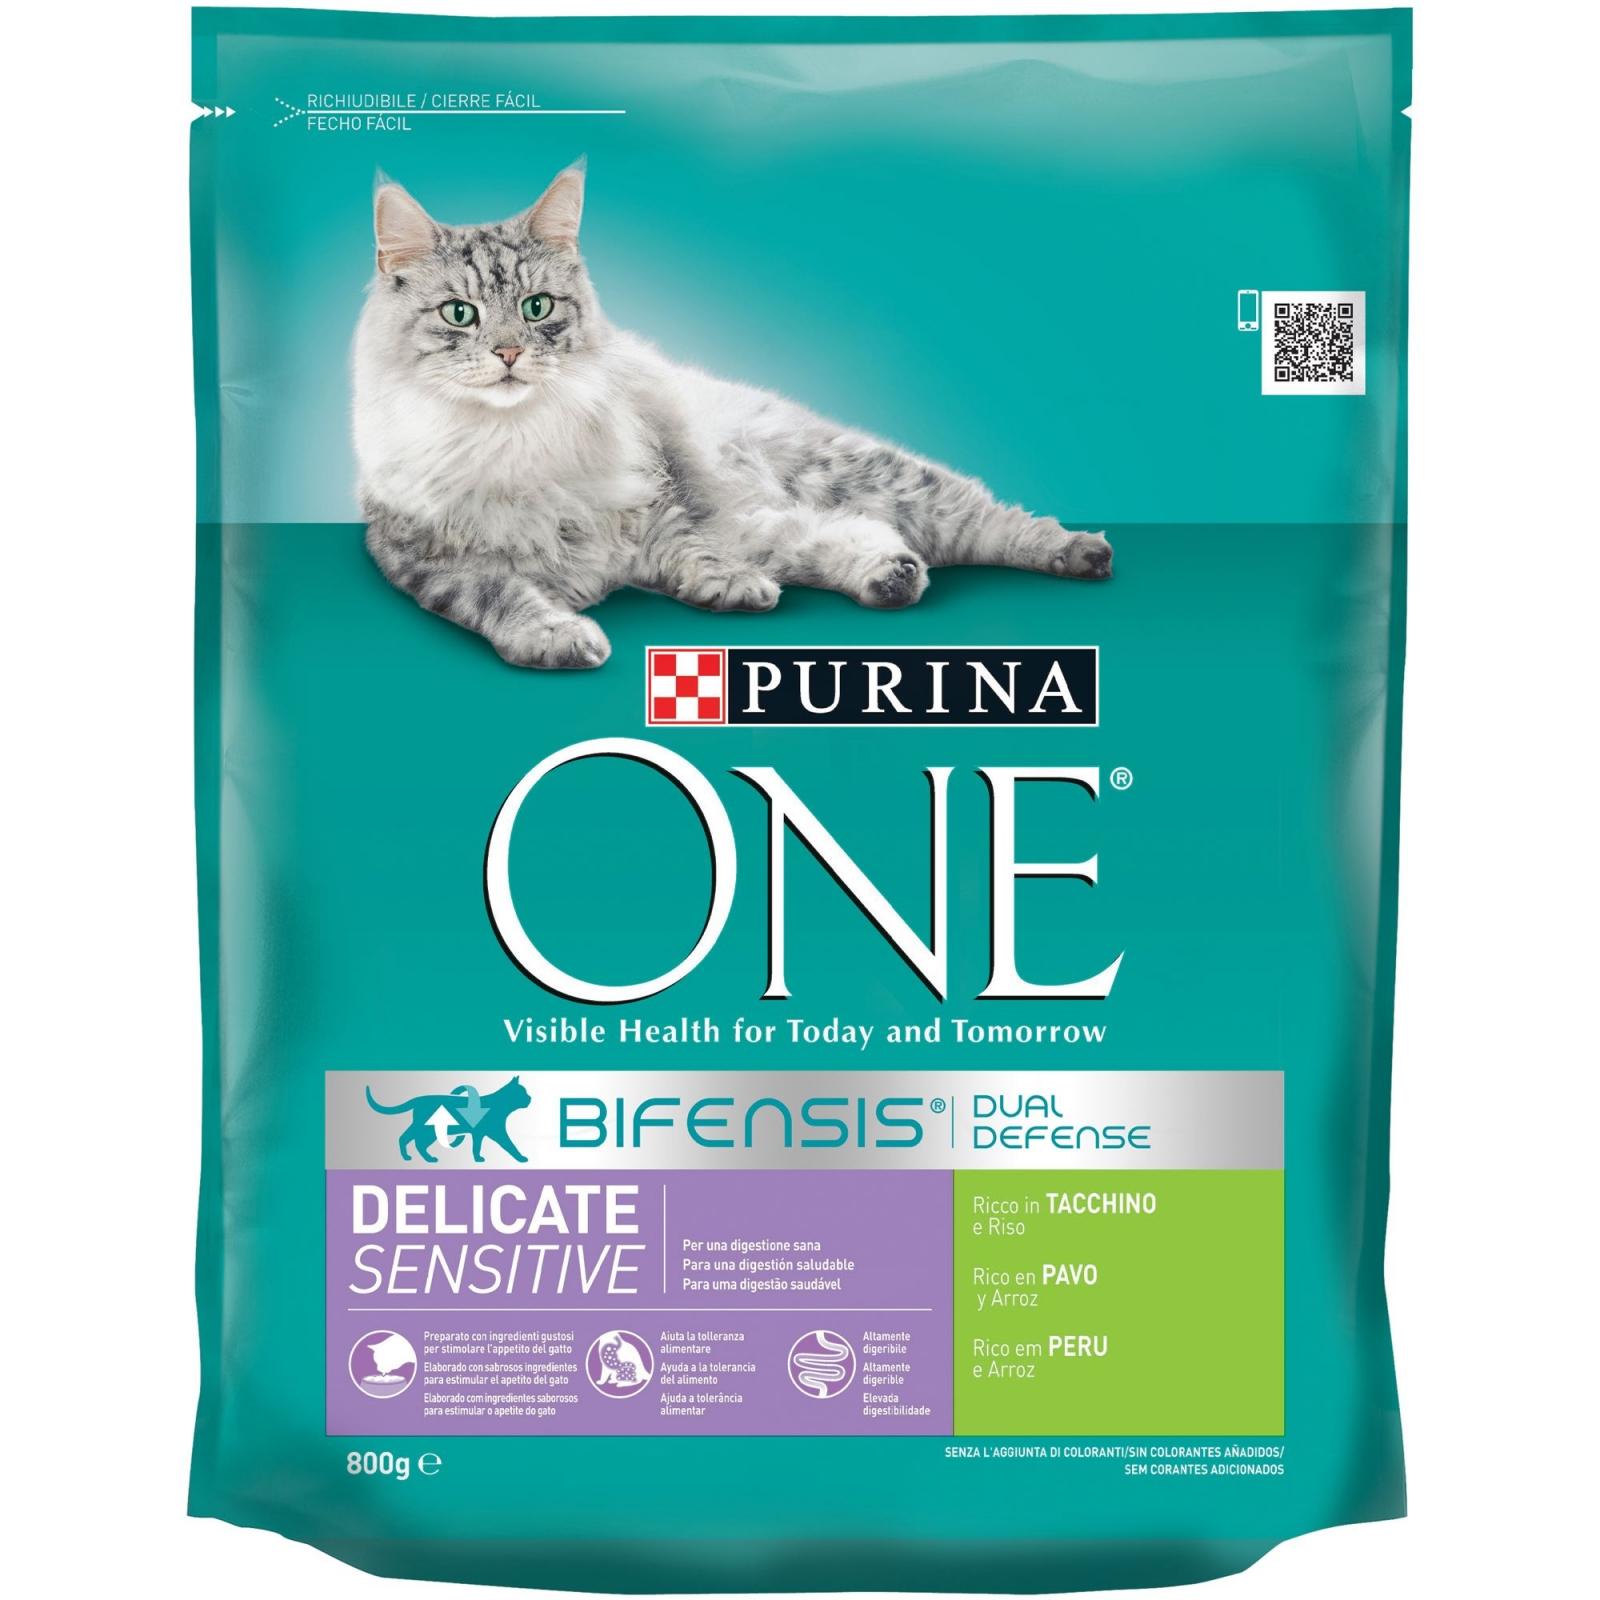 Purina ONE Bifensis Pienso para Gato Digestión Sensible Salmón y Cereales 800g